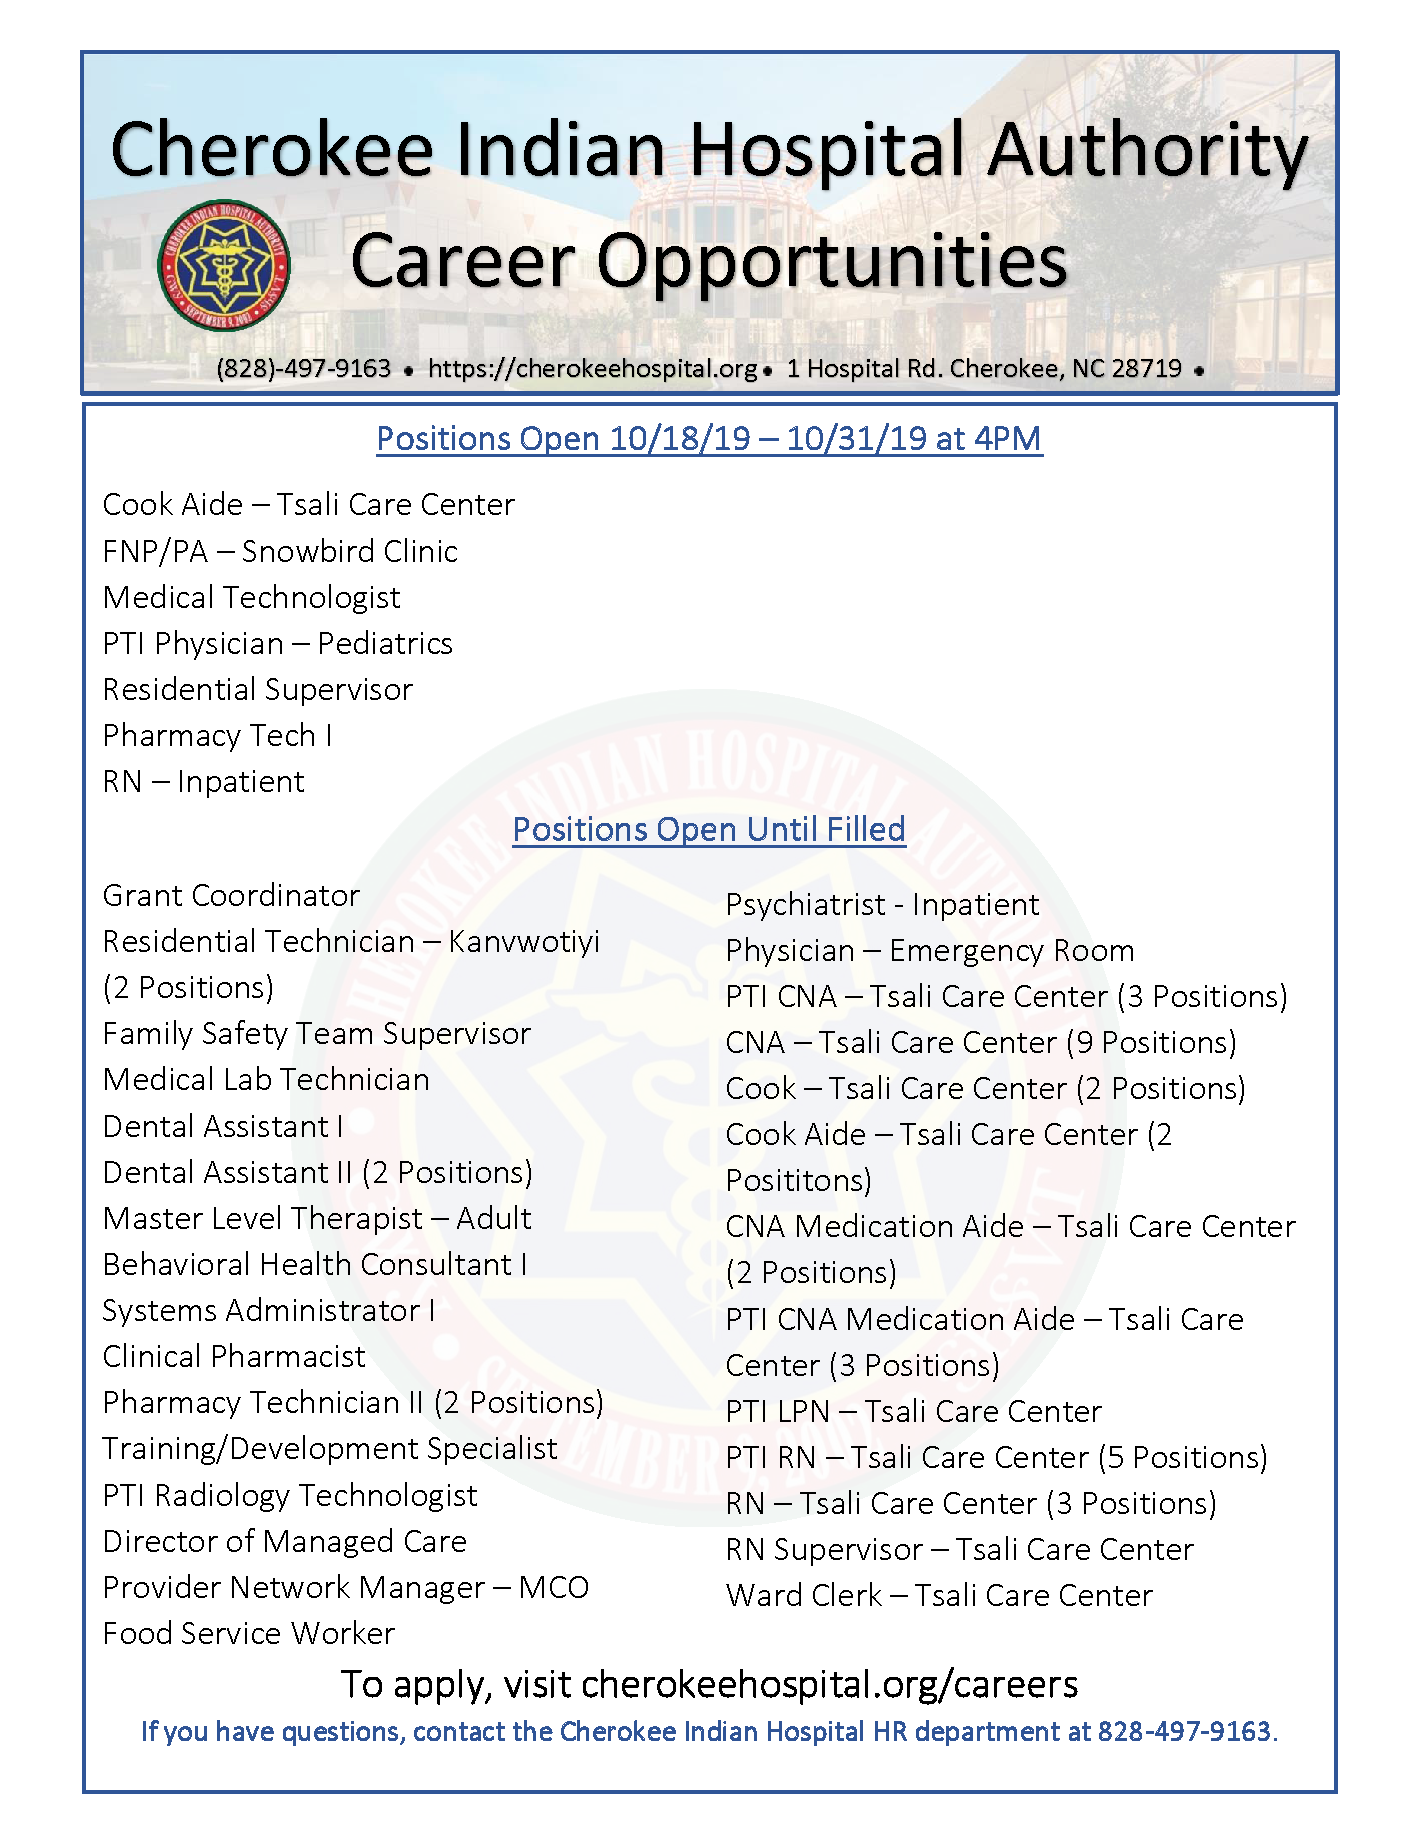 Cherokee Indian Hospital Career Opportunities S